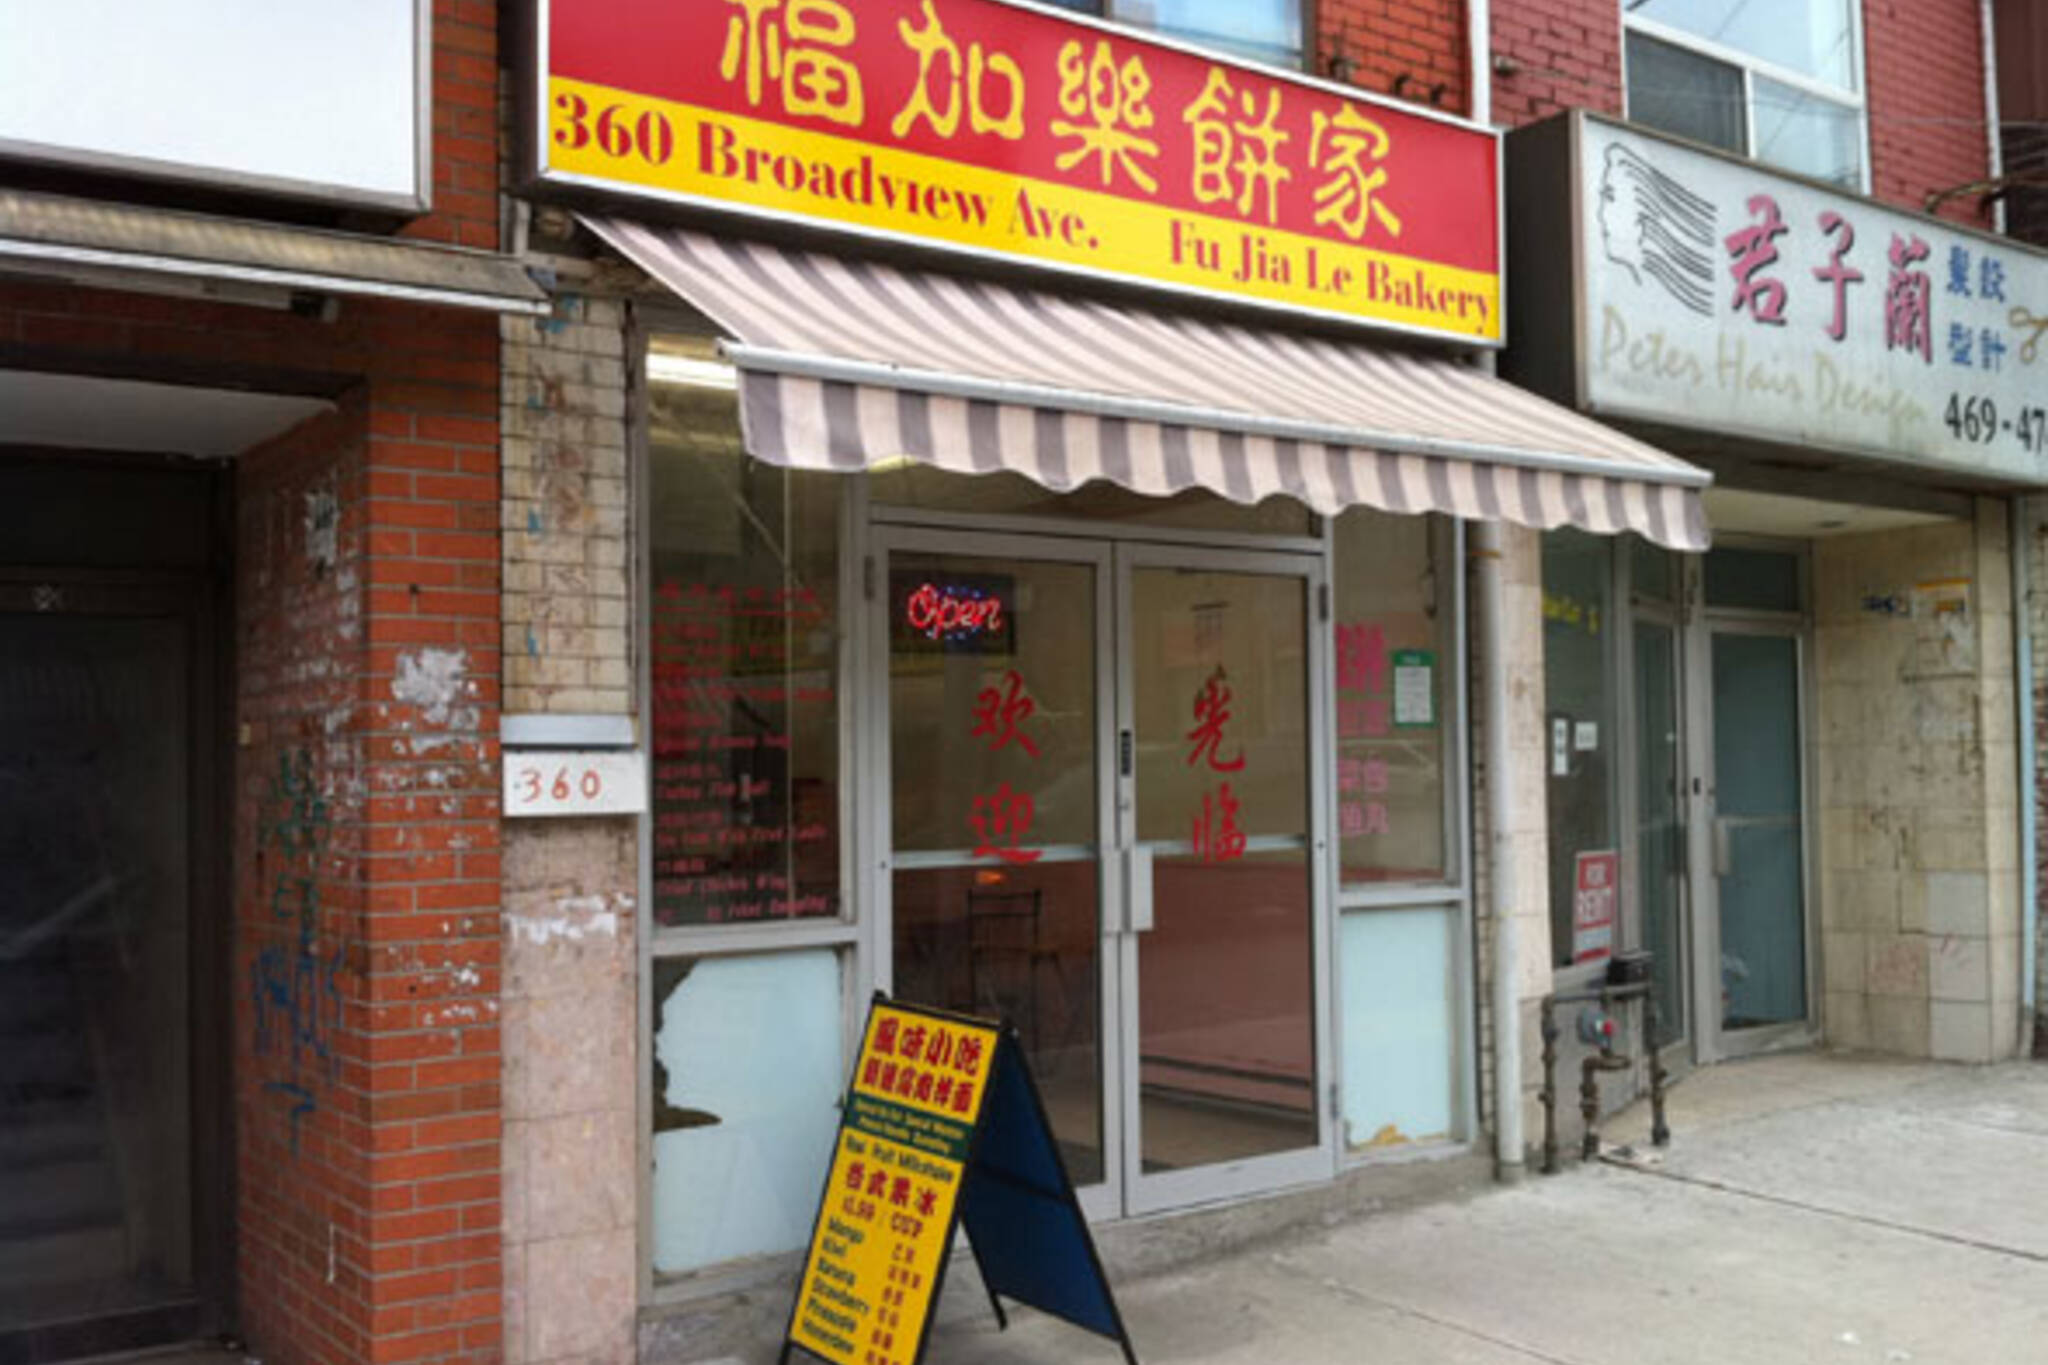 Fu Jia Le Bakery